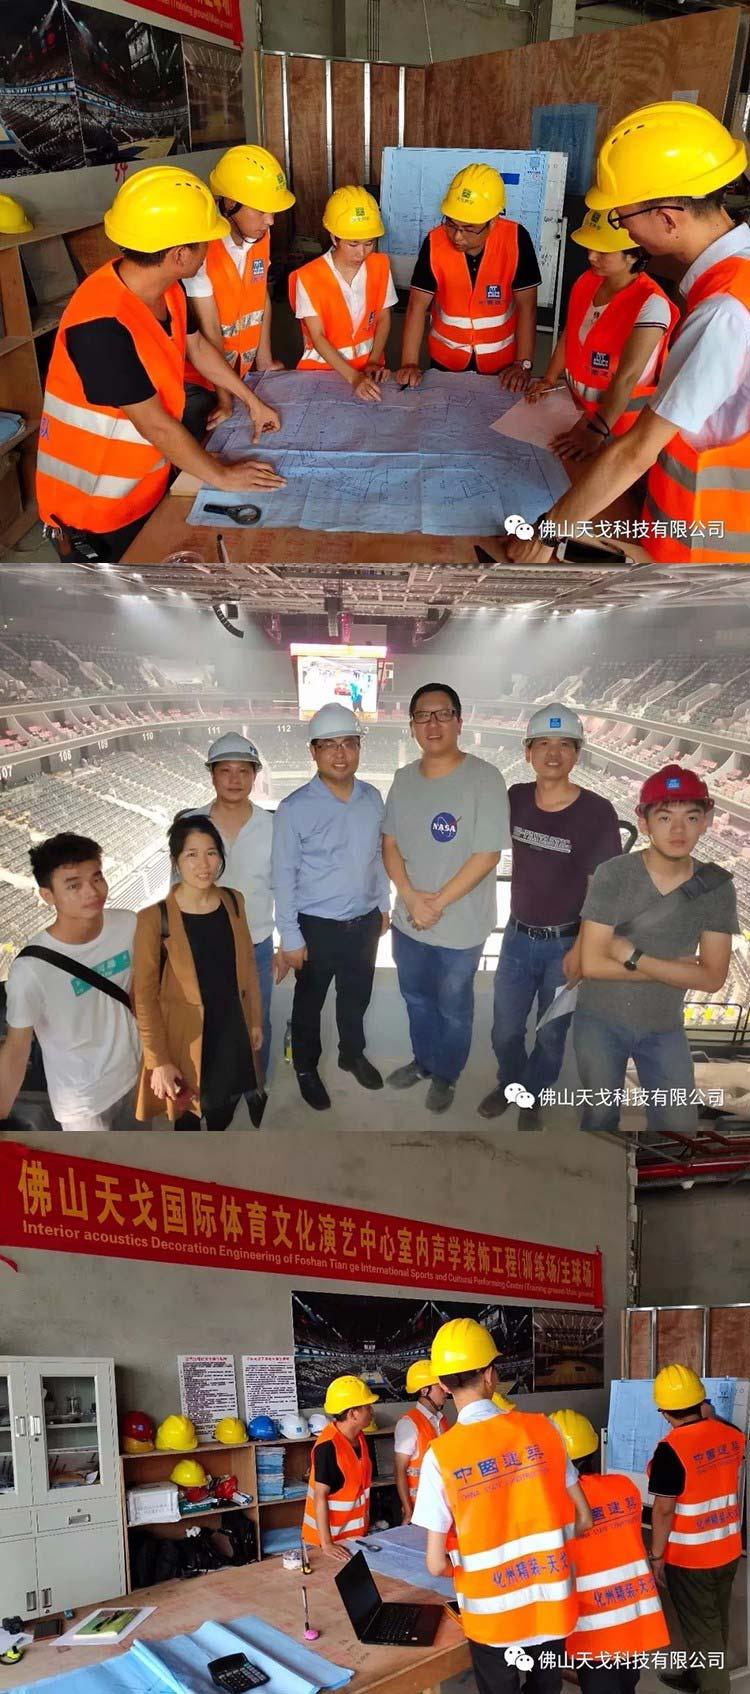 中国的斯台普斯——佛山国际体育文化演艺中心特辑